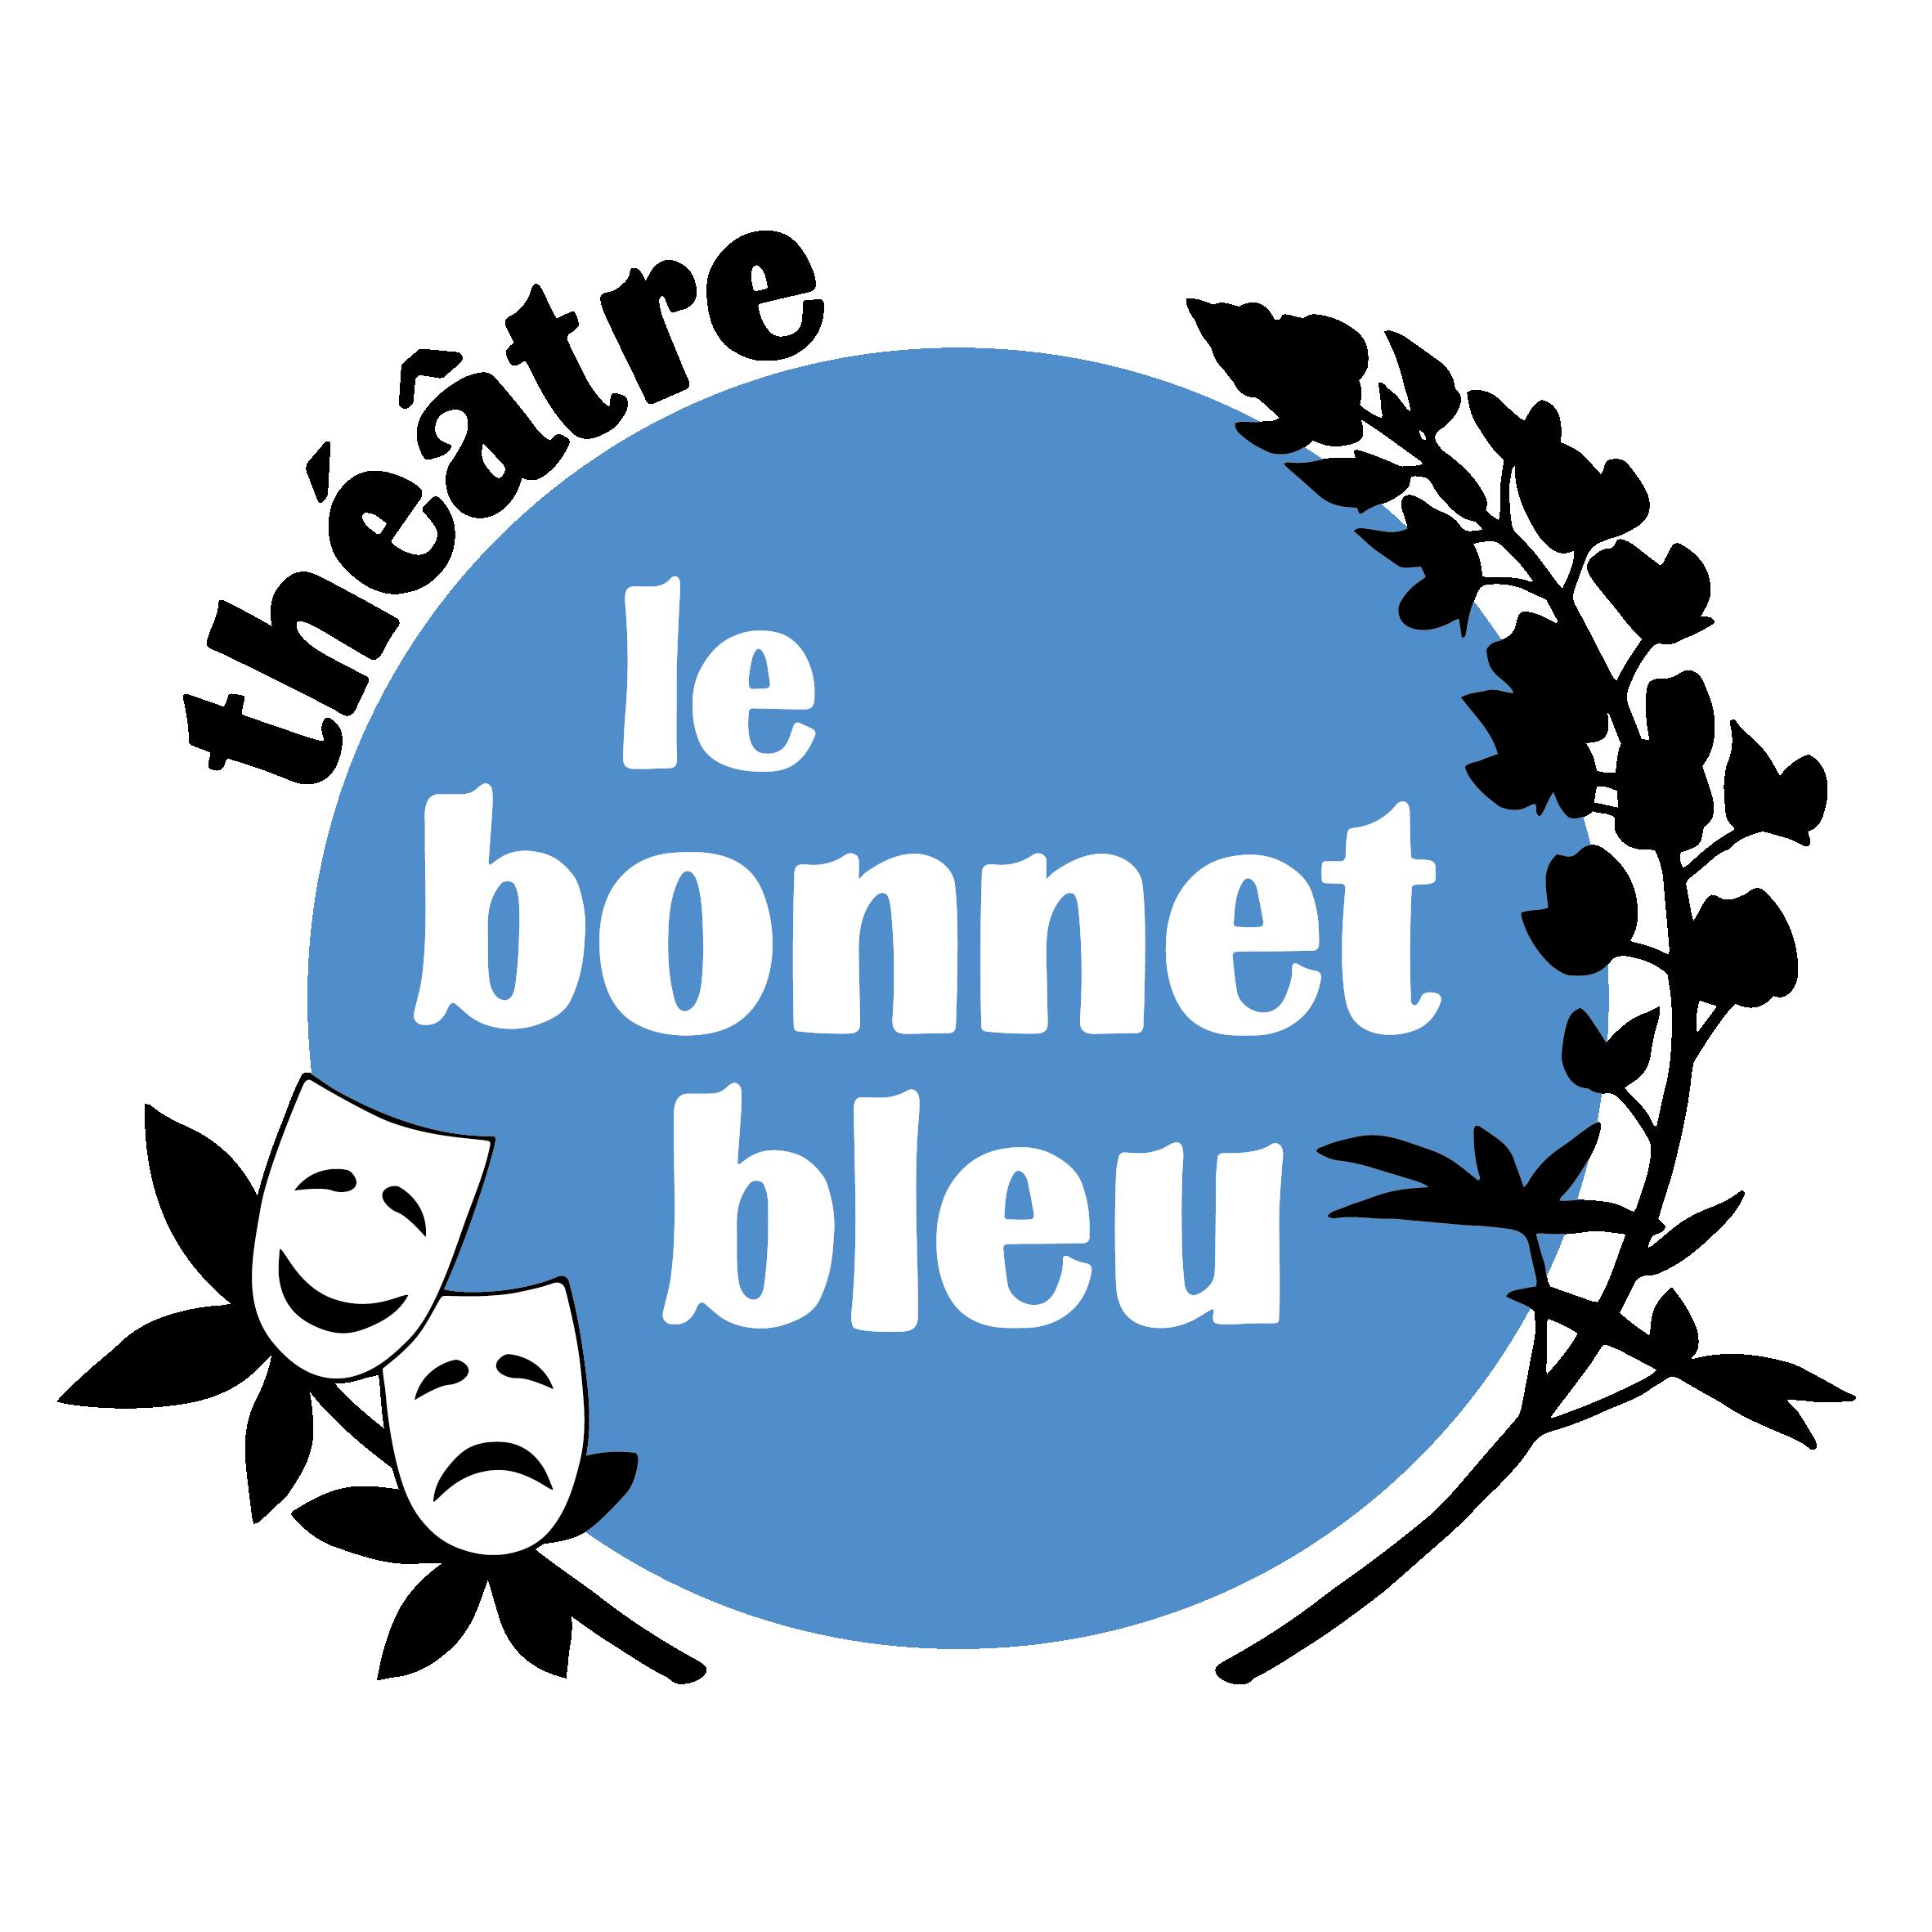 logo le bonnet bleu-06.png